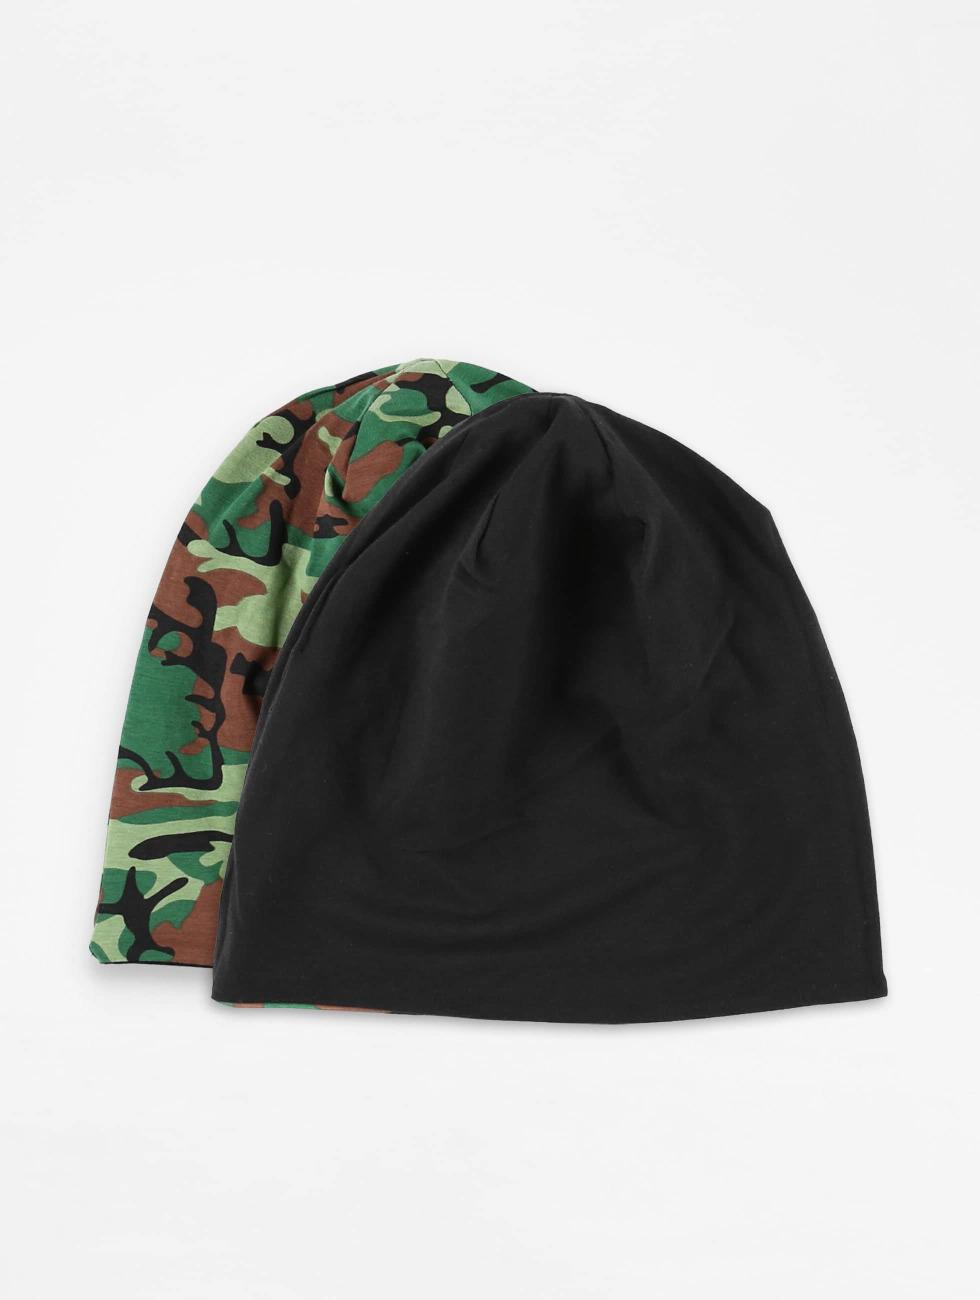 MSTRDS шляпа Printed Jersey камуфляж